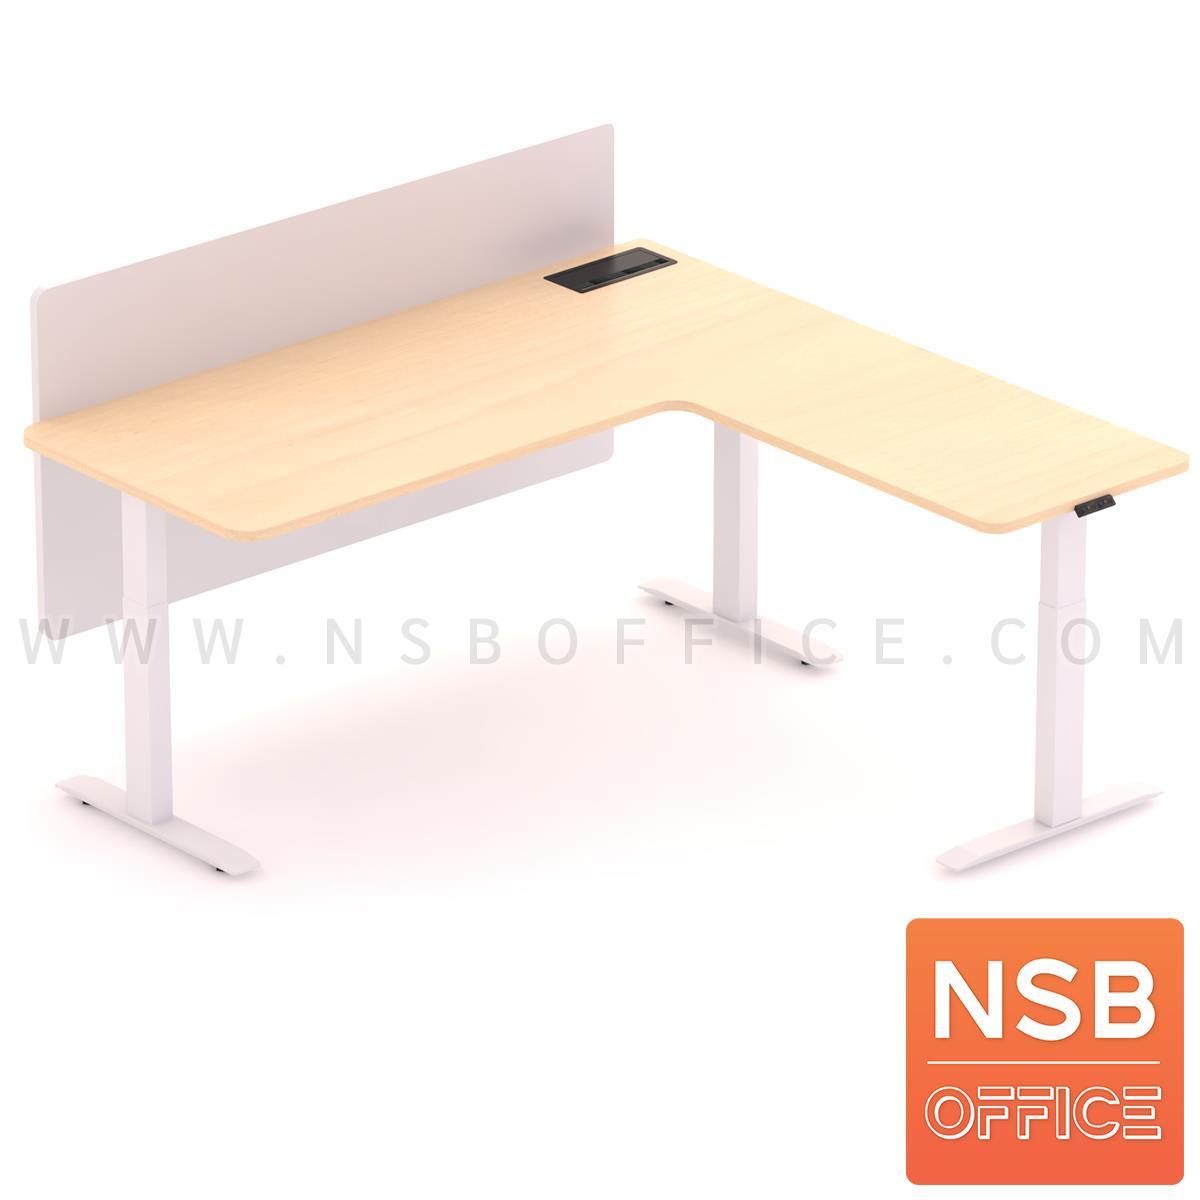 โต๊ะทำงานปรับระดับ Sit 2 Stand ทรงตัวแอล รุ่น Carmelo 2 (คาร์เมโล่ 2) ขนาด 160W, 180W cm.  มีมินิสกรีน พร้อมป็อปอัพรุ่น A24A057